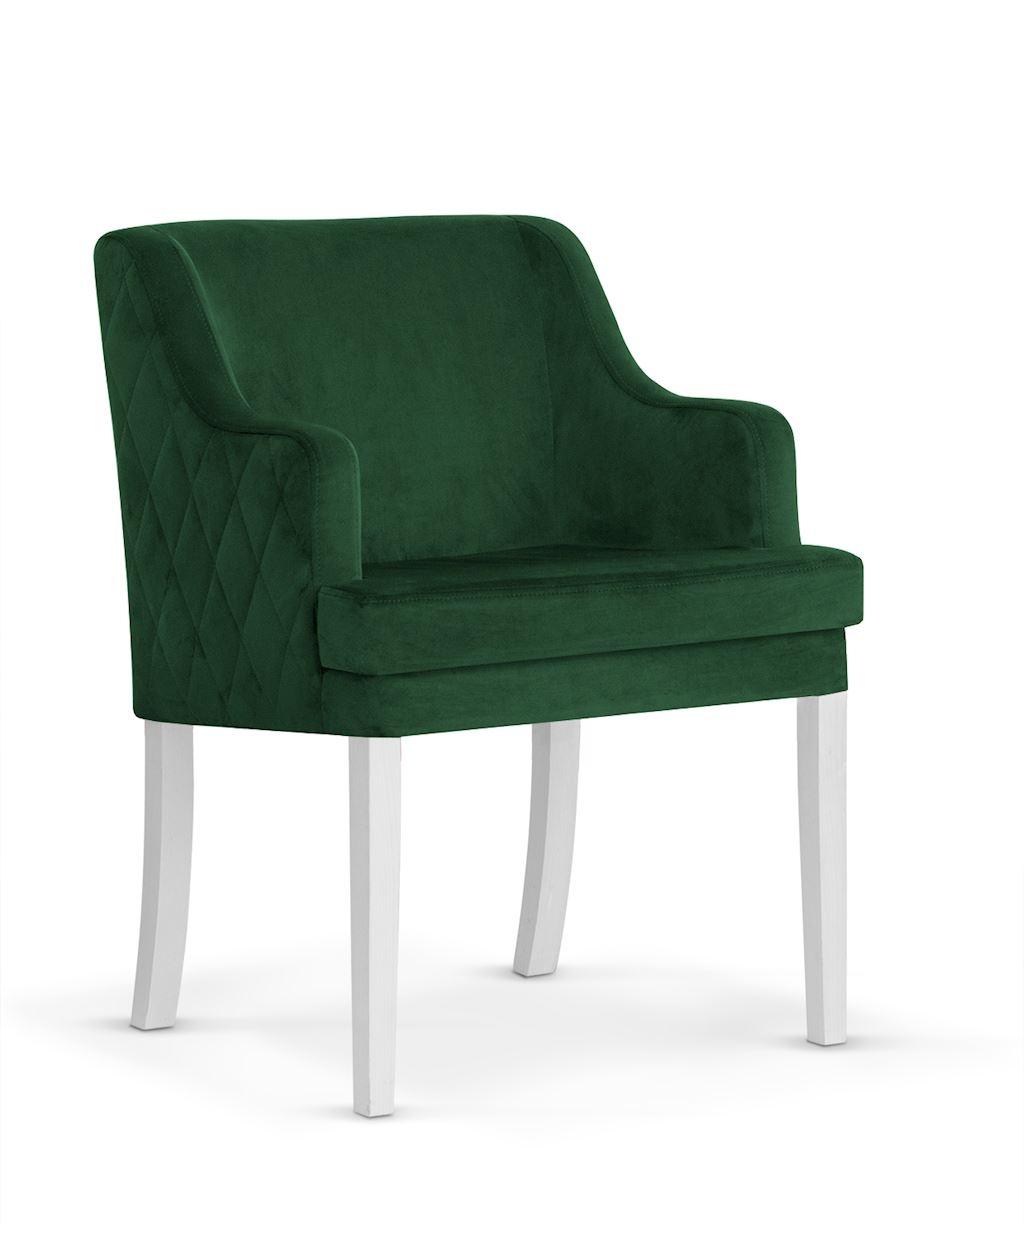 Fotoliu fix tapitat cu stofa, cu picioare din lemn Grand Green / White, l58xA60xH89 cm